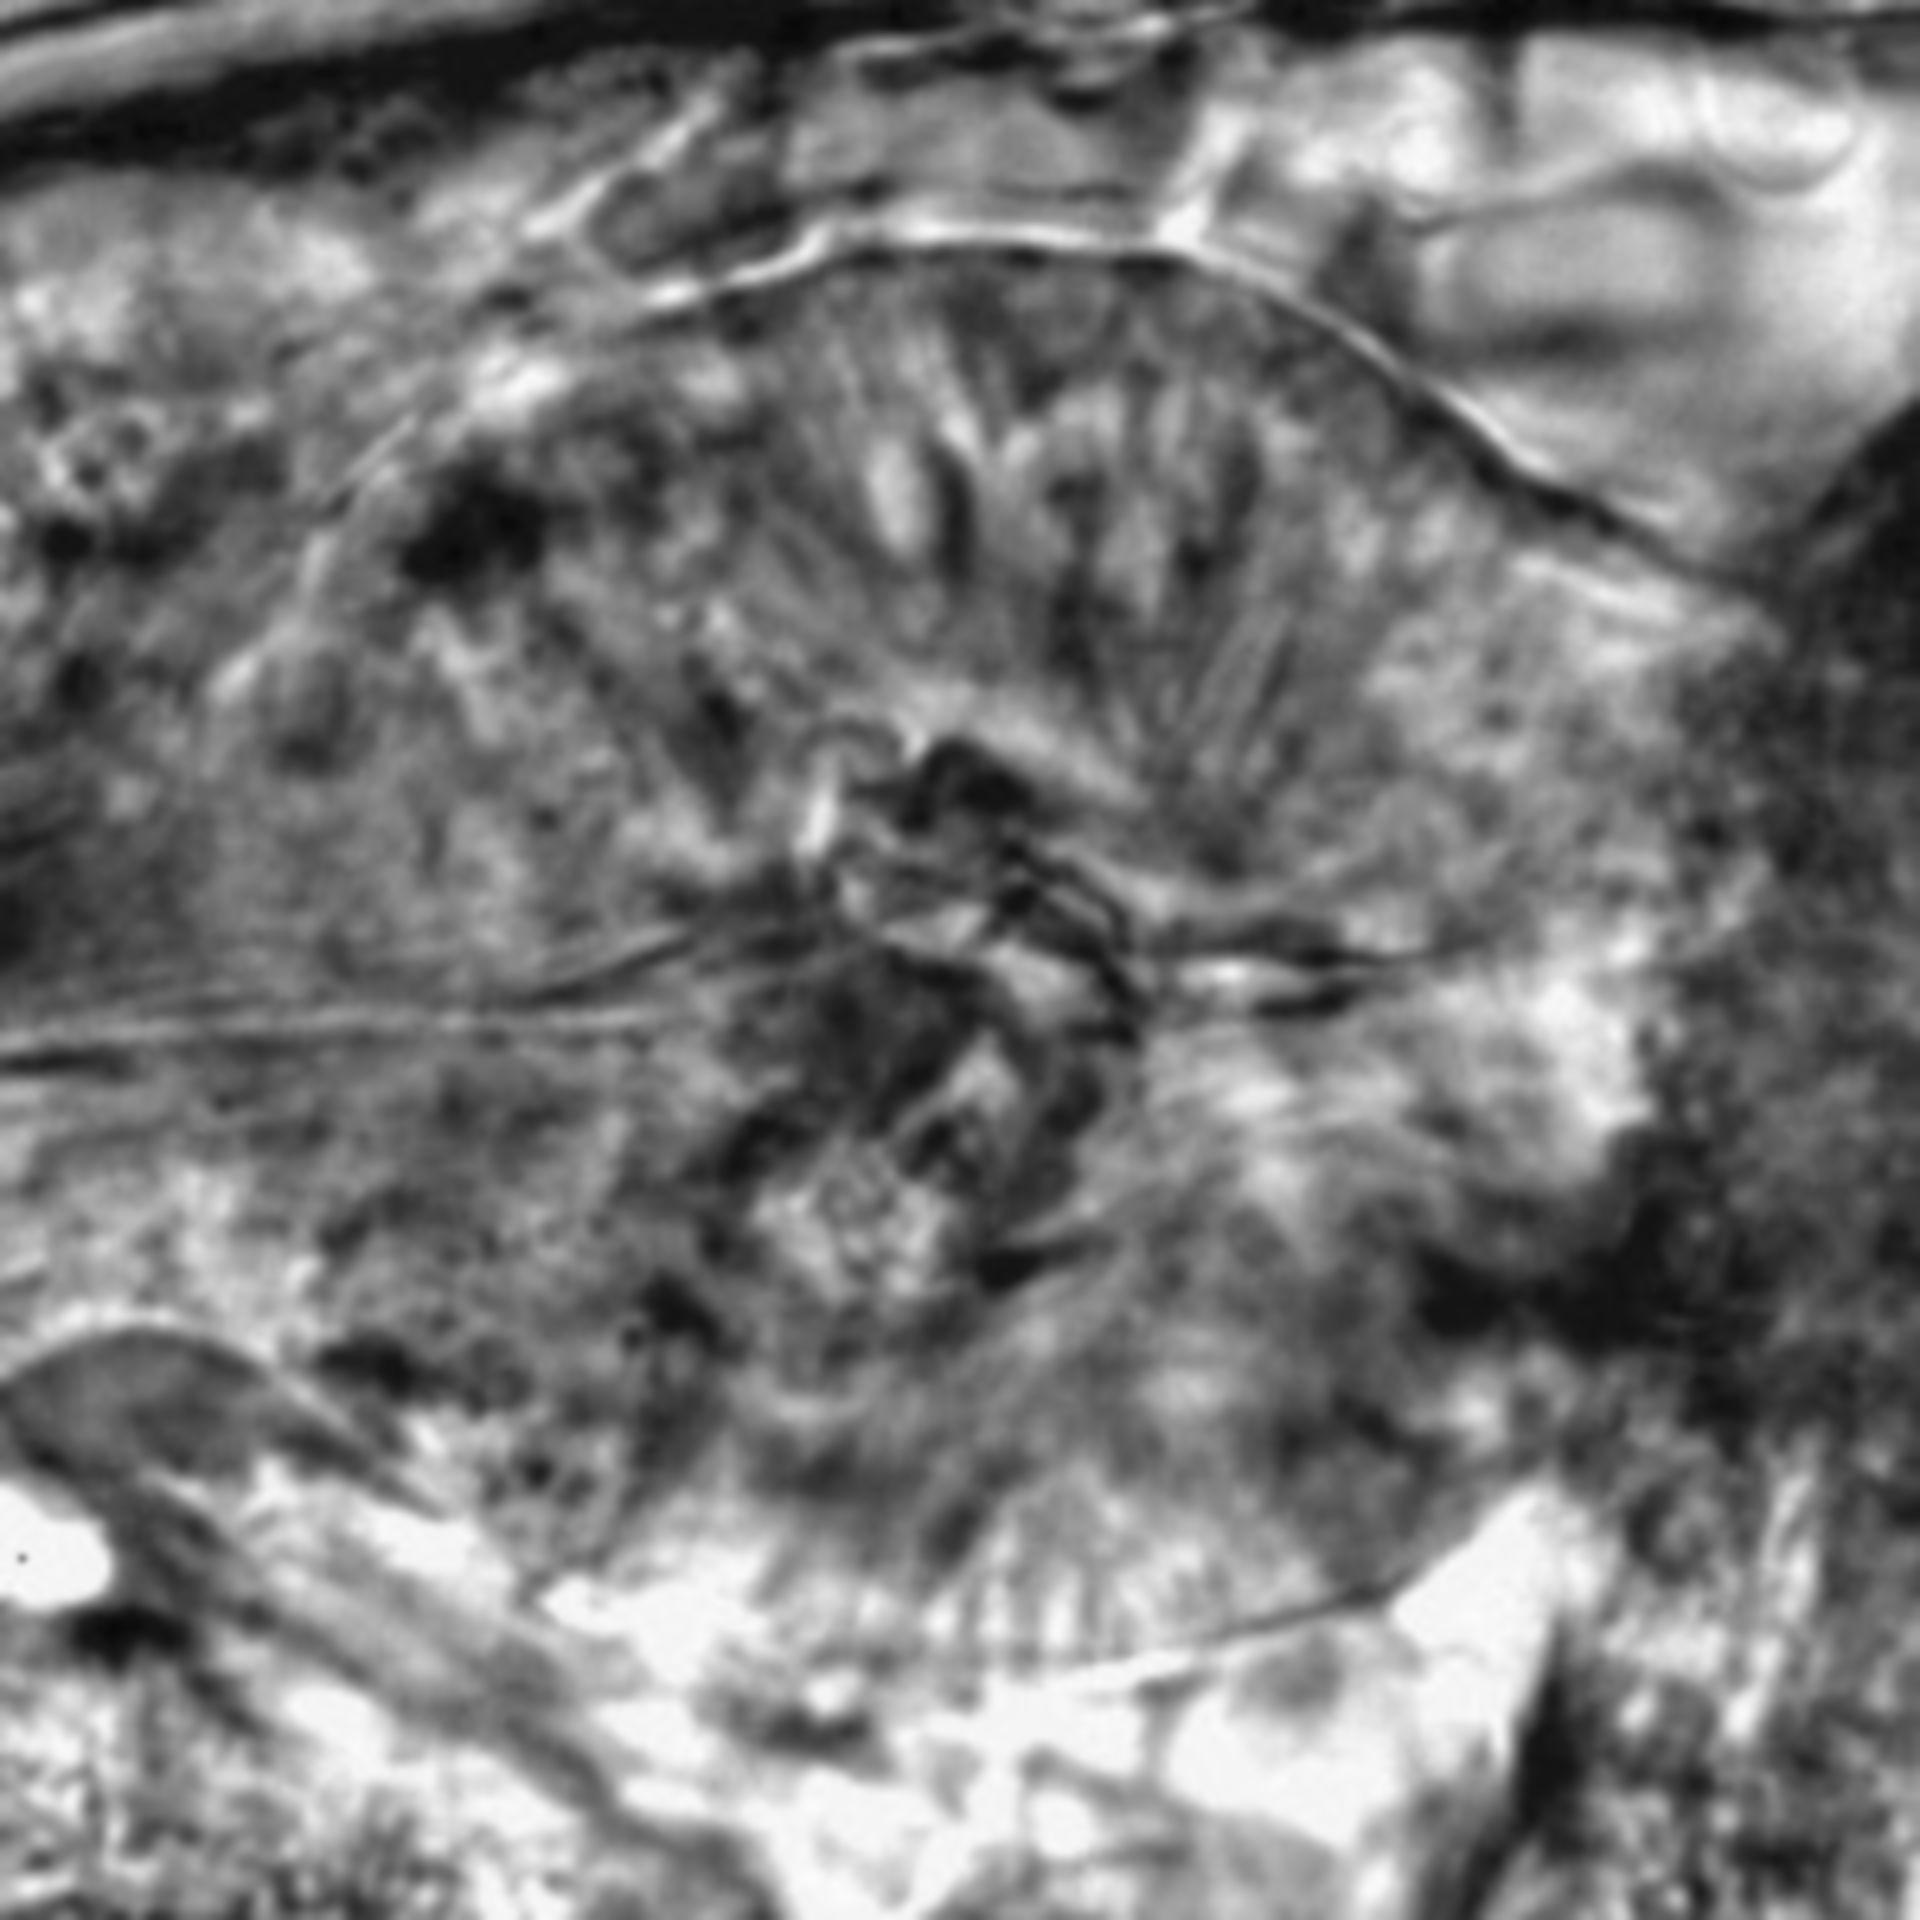 Caenorhabditis elegans - CIL:2721